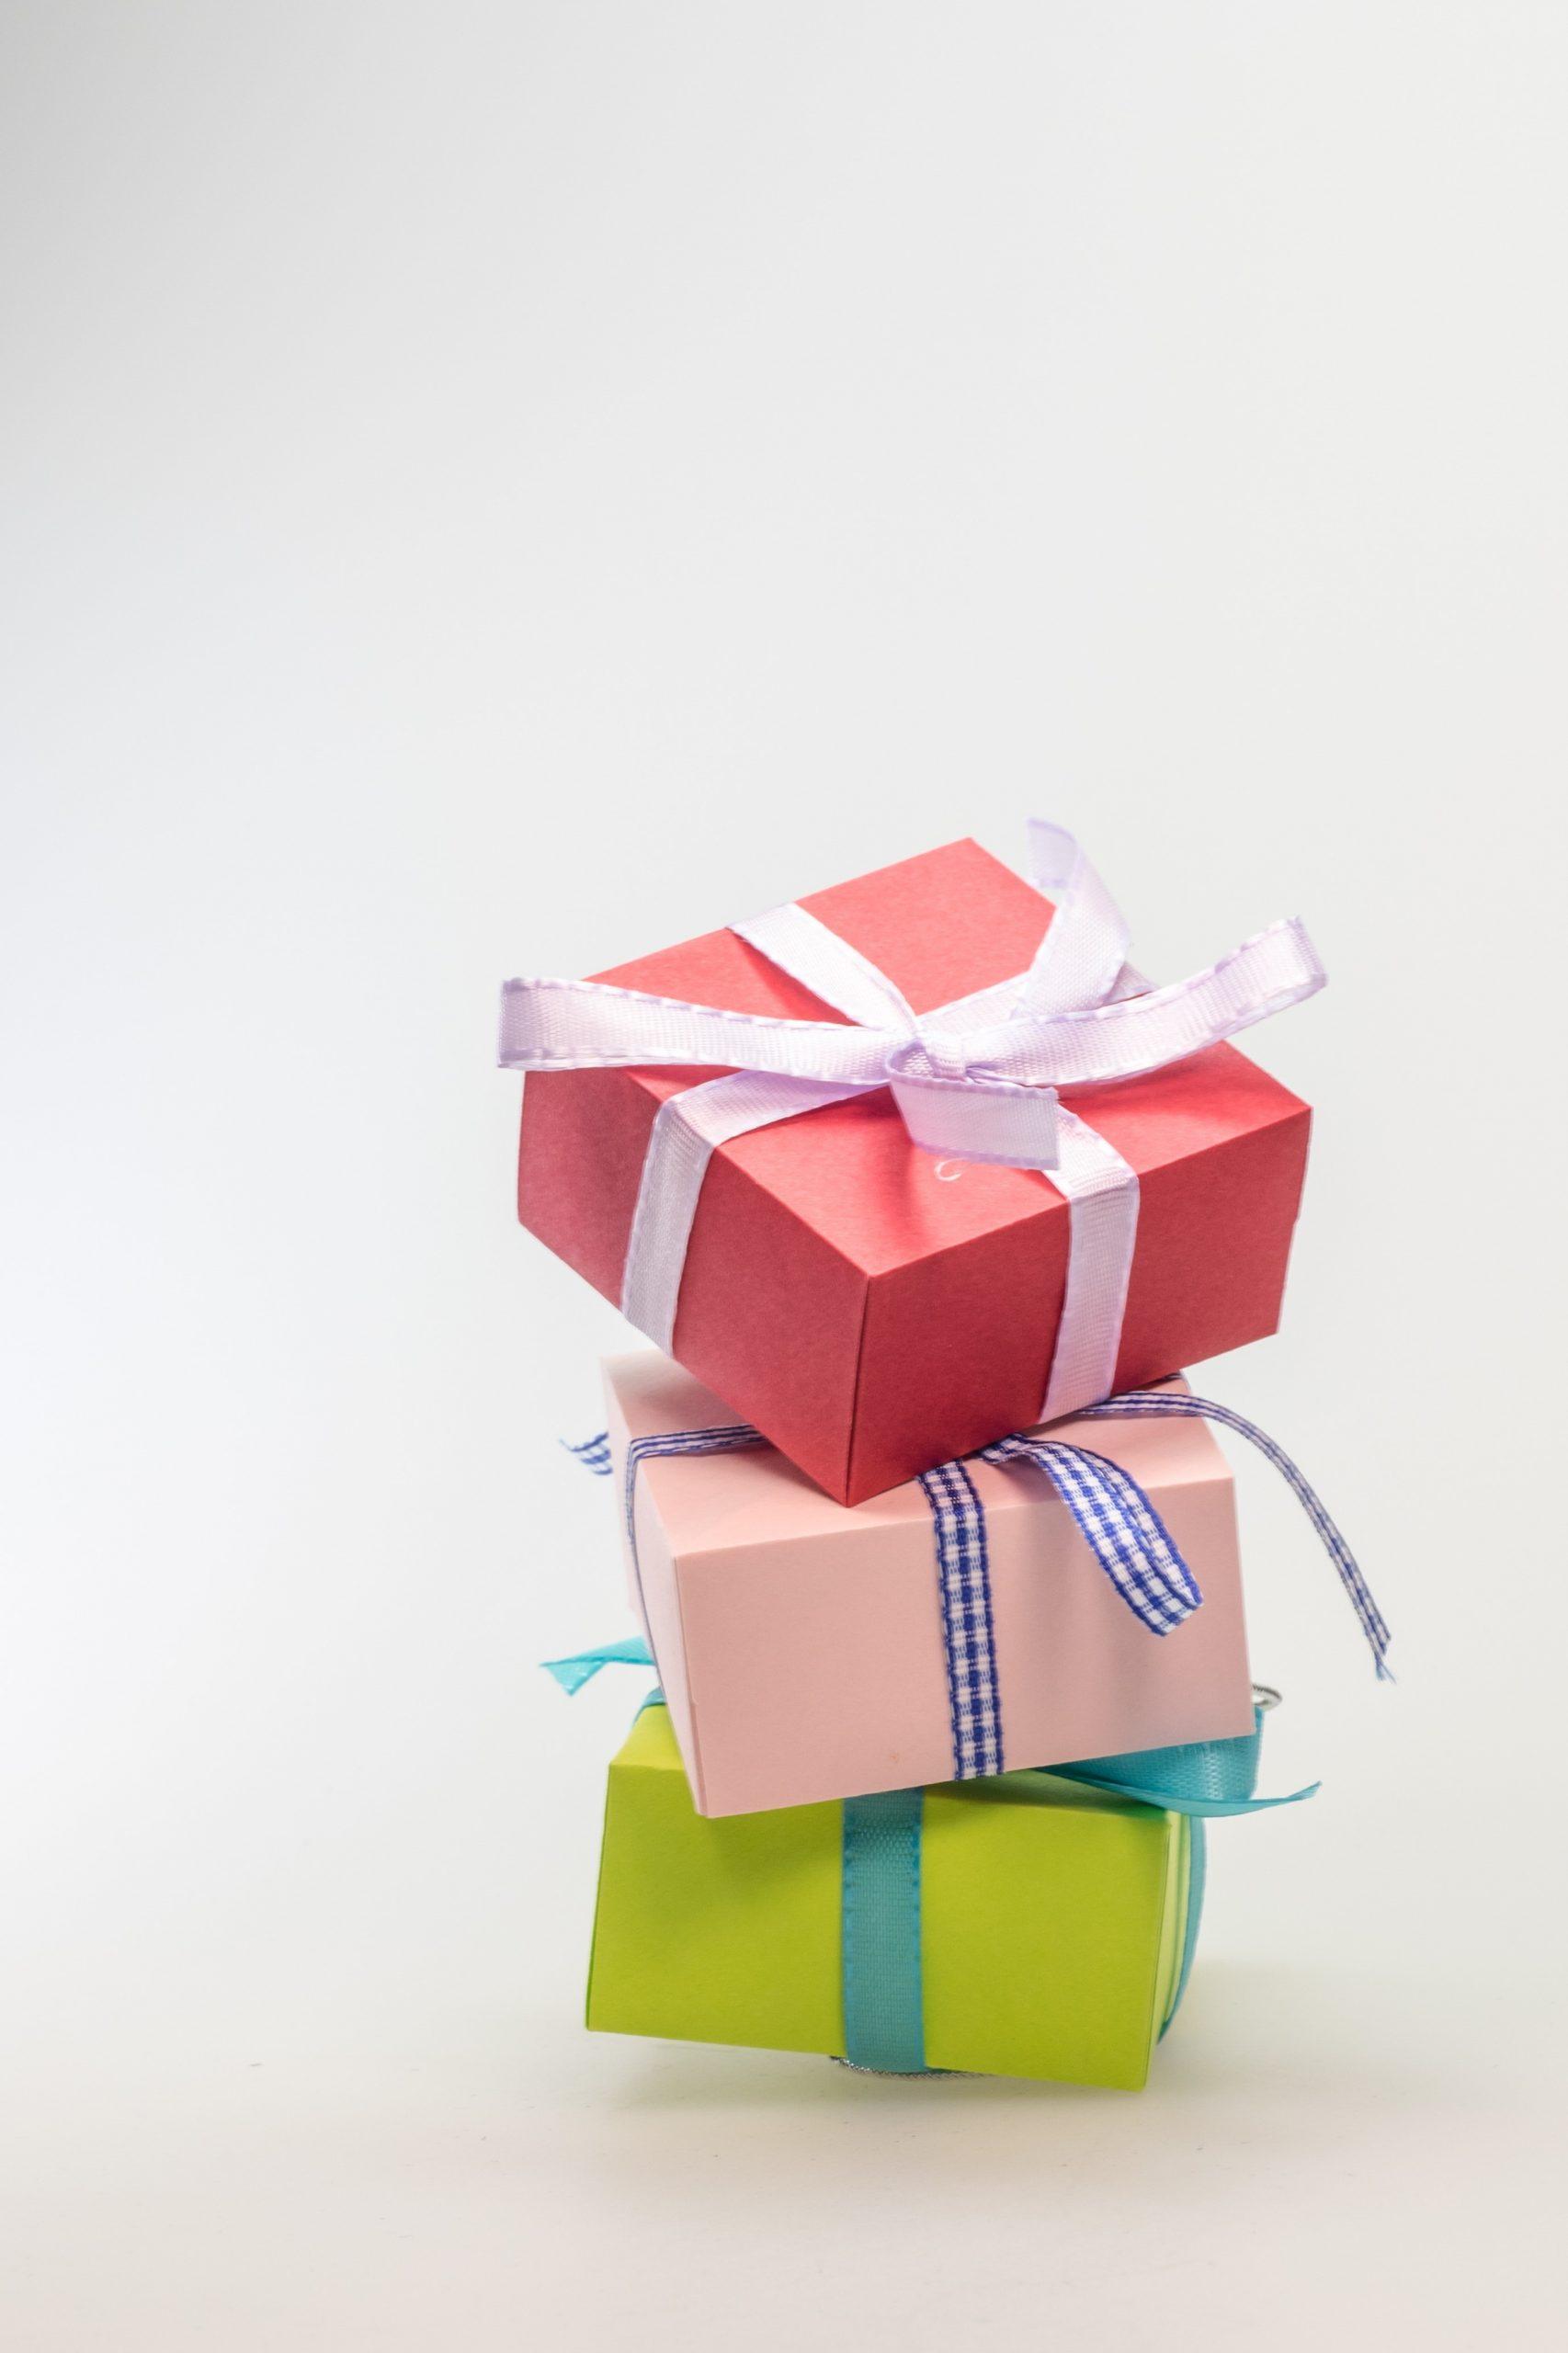 Karanténní dary aneb proč vám není zas tak špatně